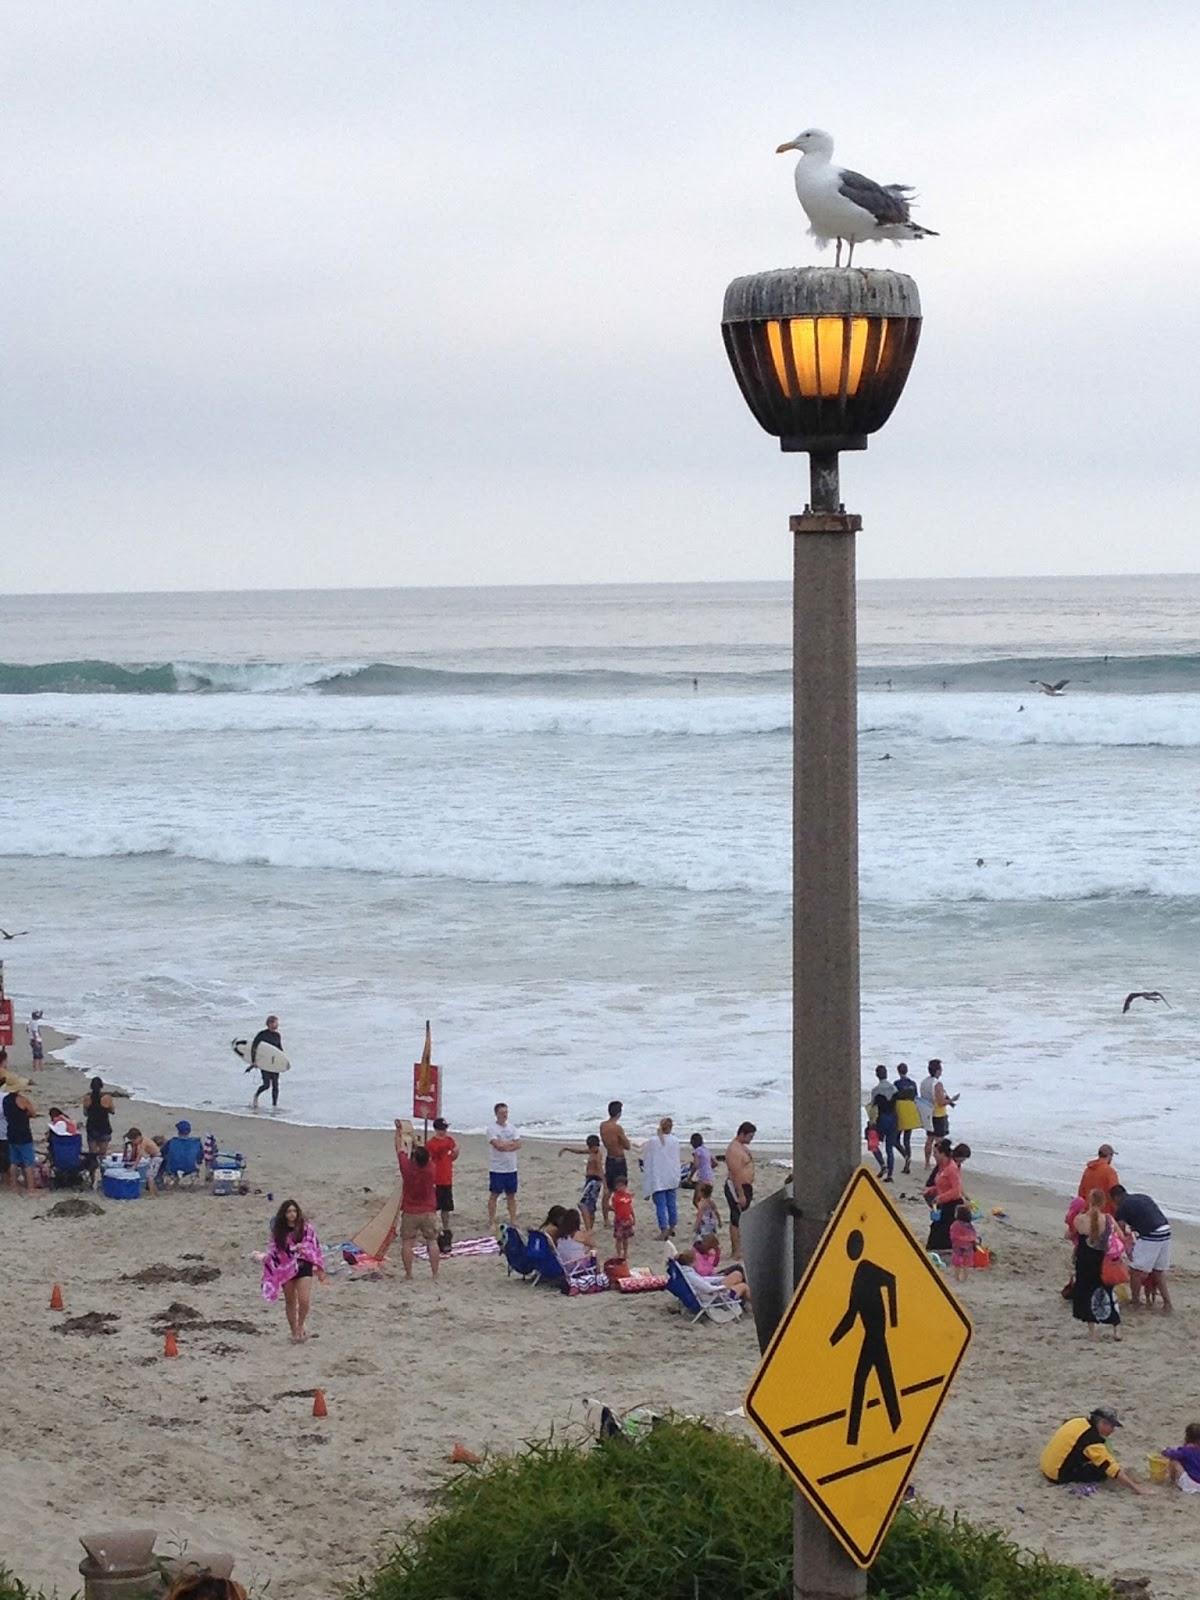 california, beach, seagull